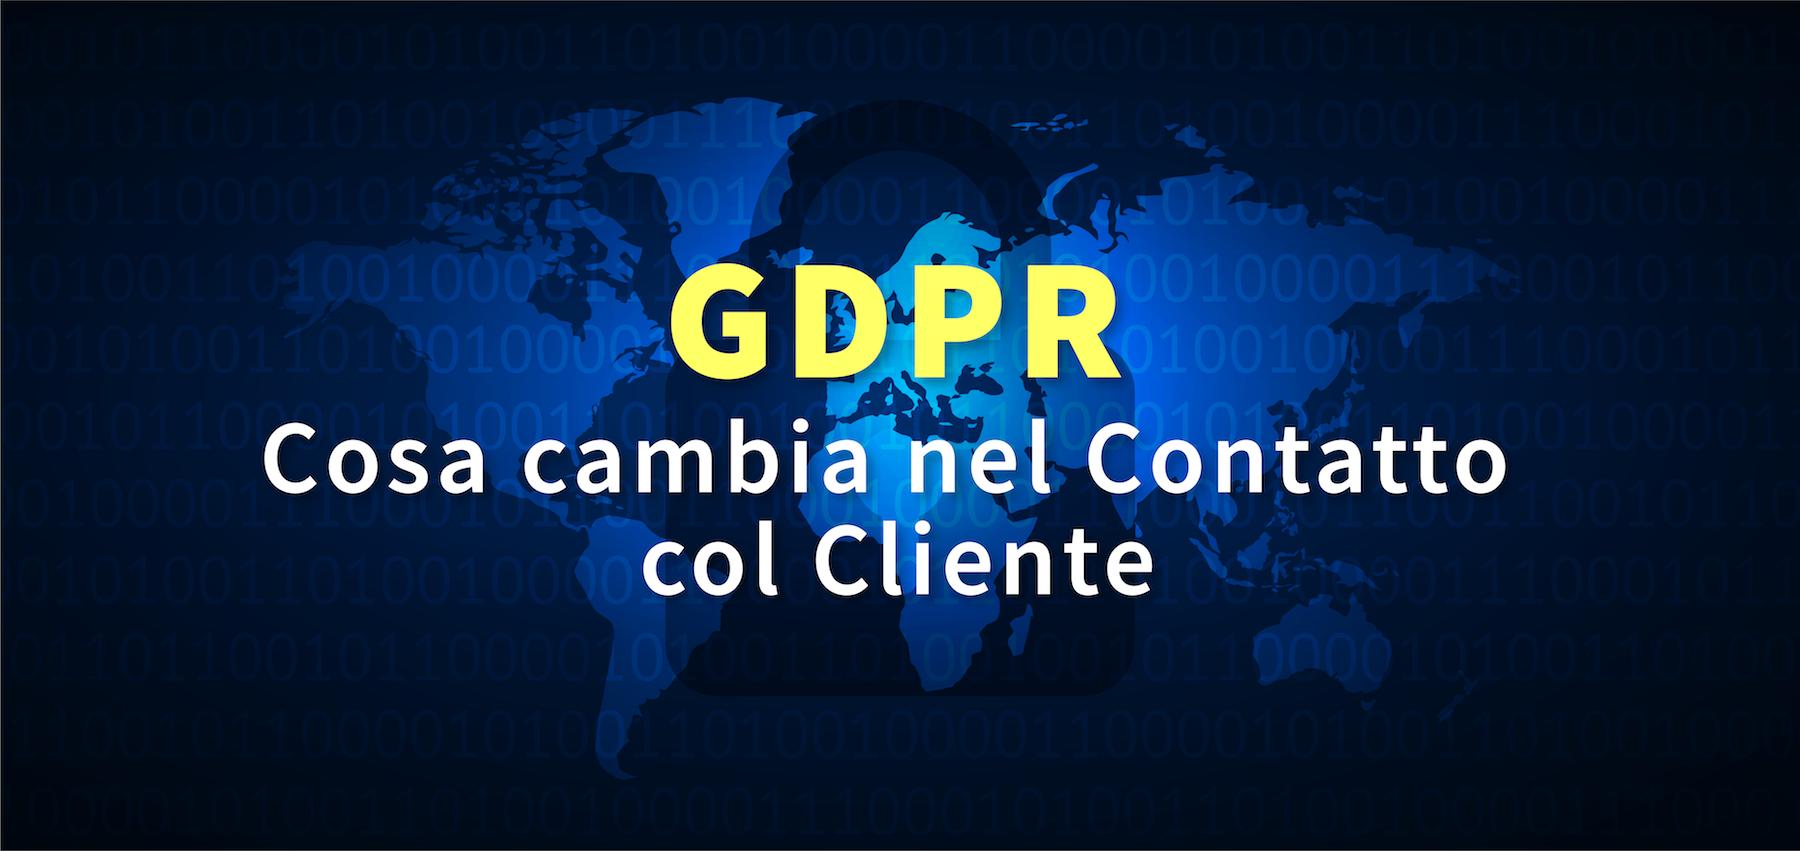 GDPR: cosa cambia nel contatto con il cliente – nuova data